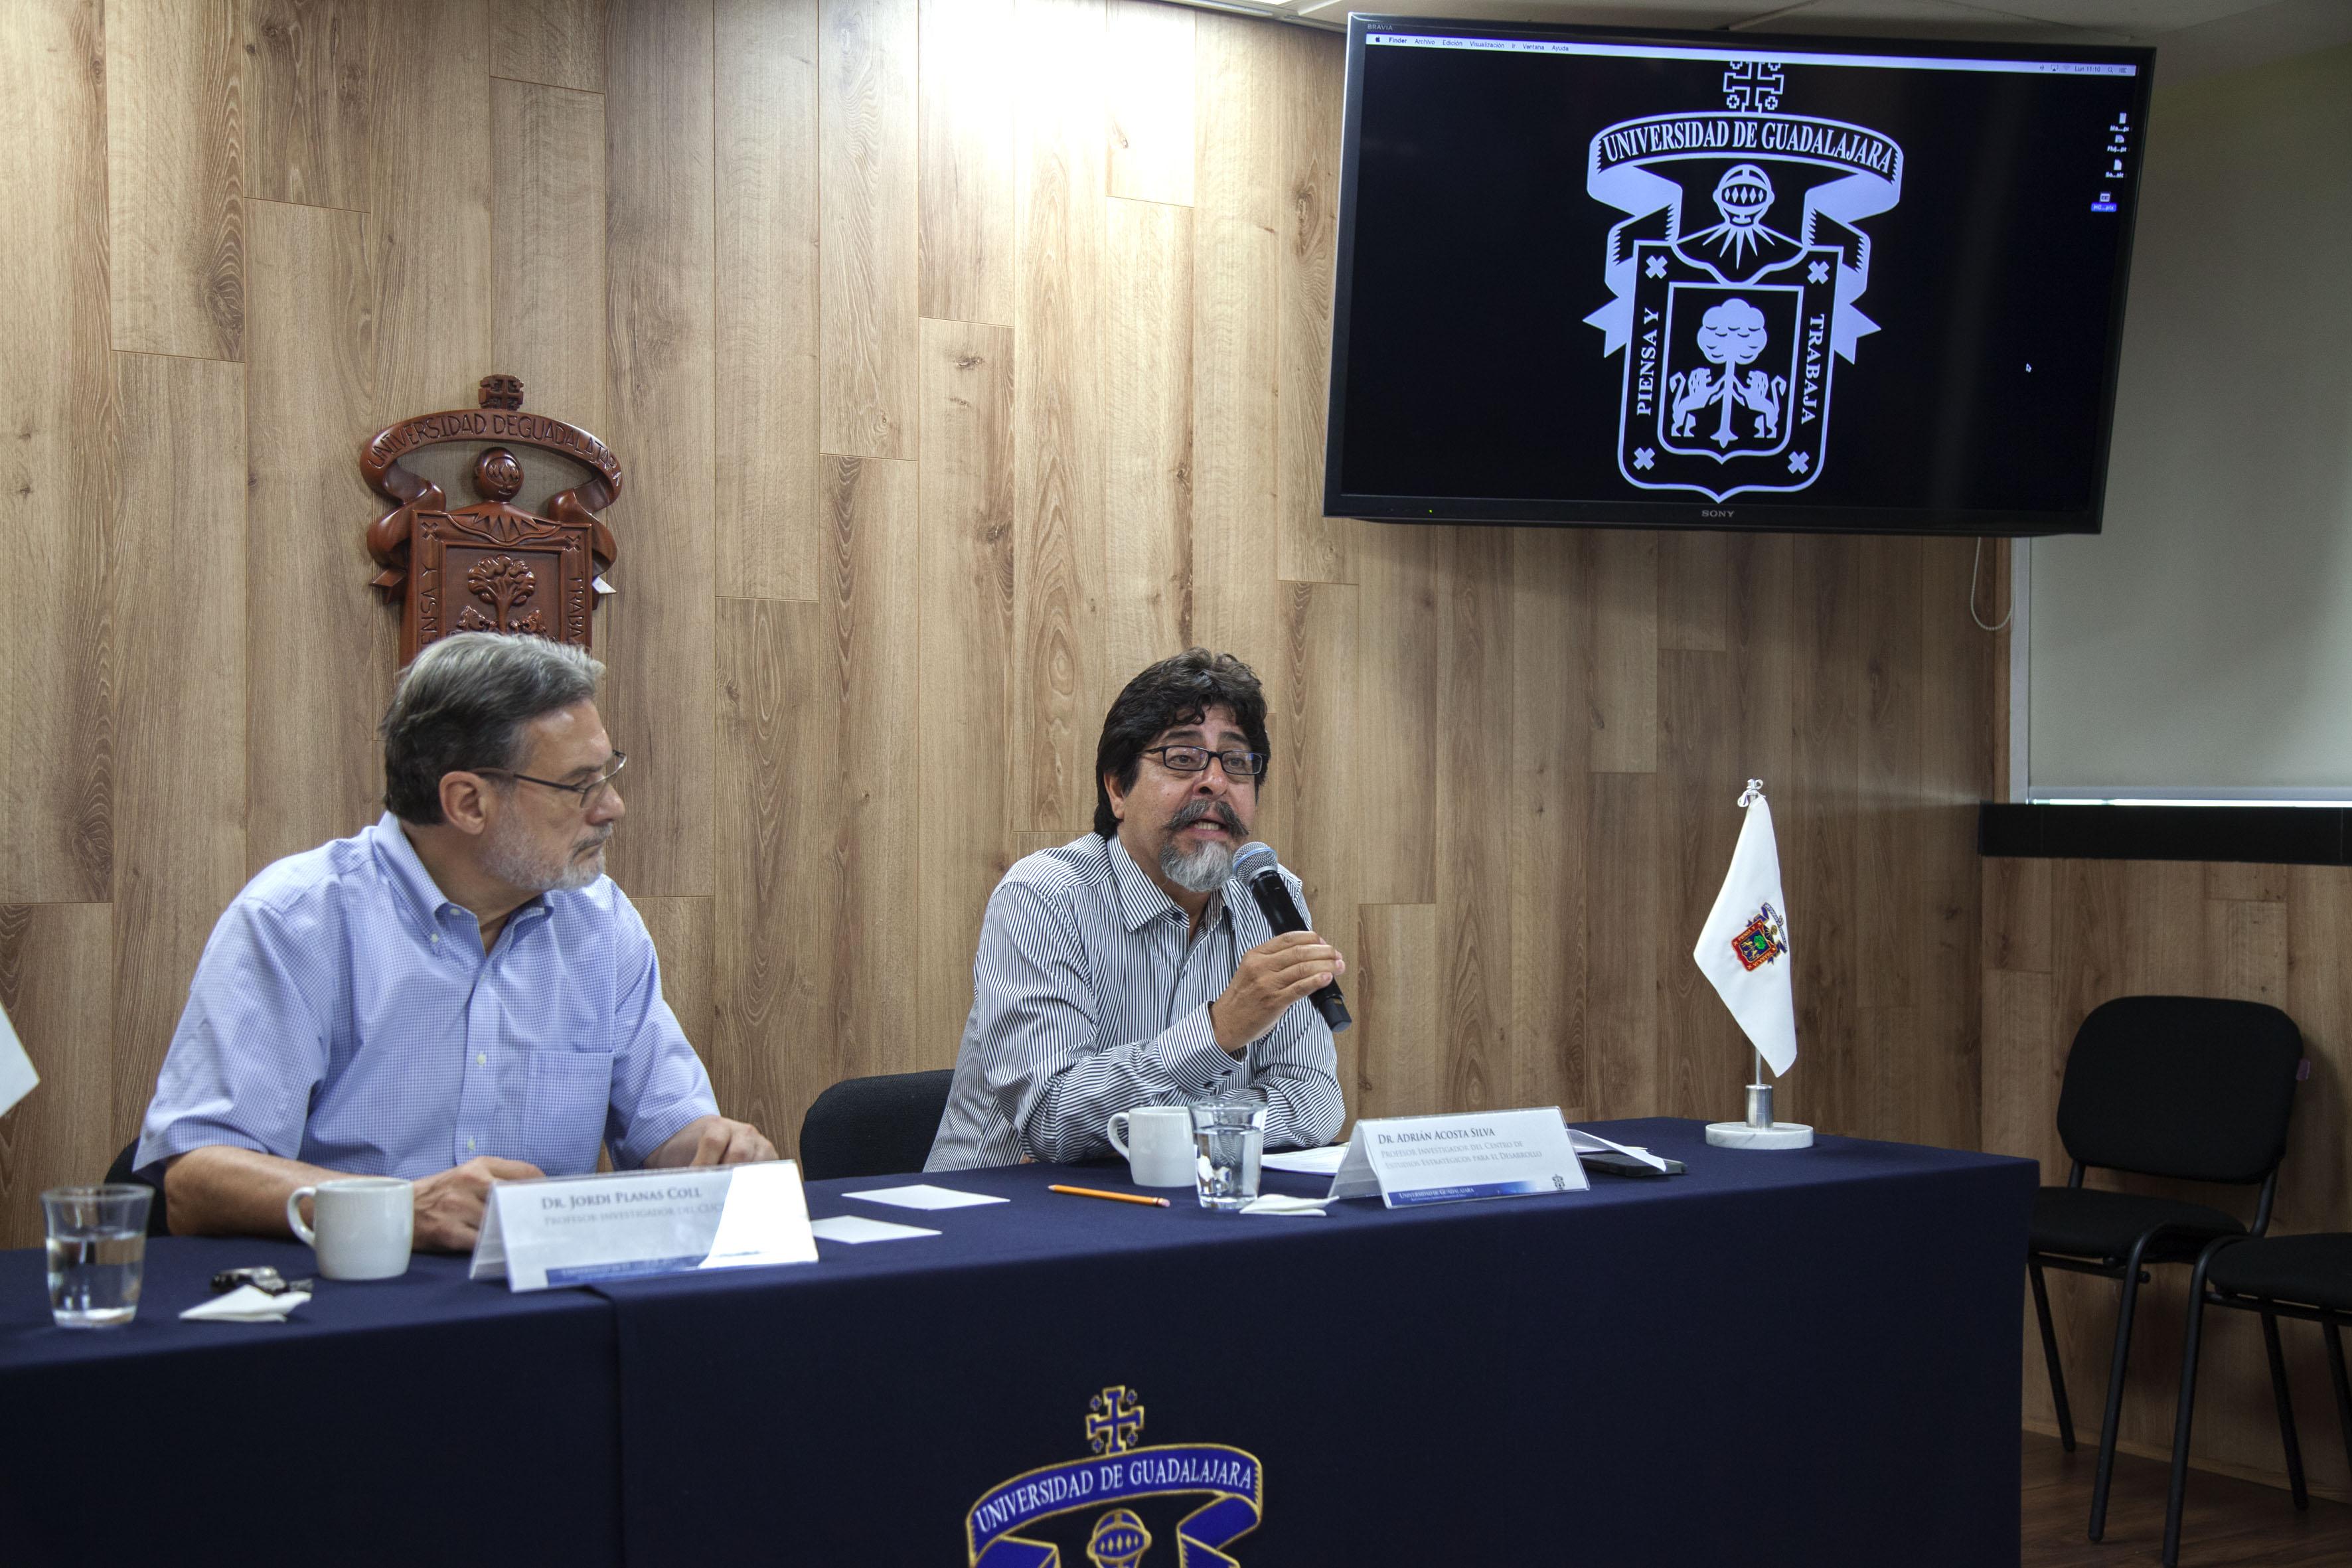 Doctor Adrián Acosta Silva, profesor investigador del Centro de Estudios Estratégicos para el Desarrollo (CEED), con micrófono en mano, haciendo uso de la voz.